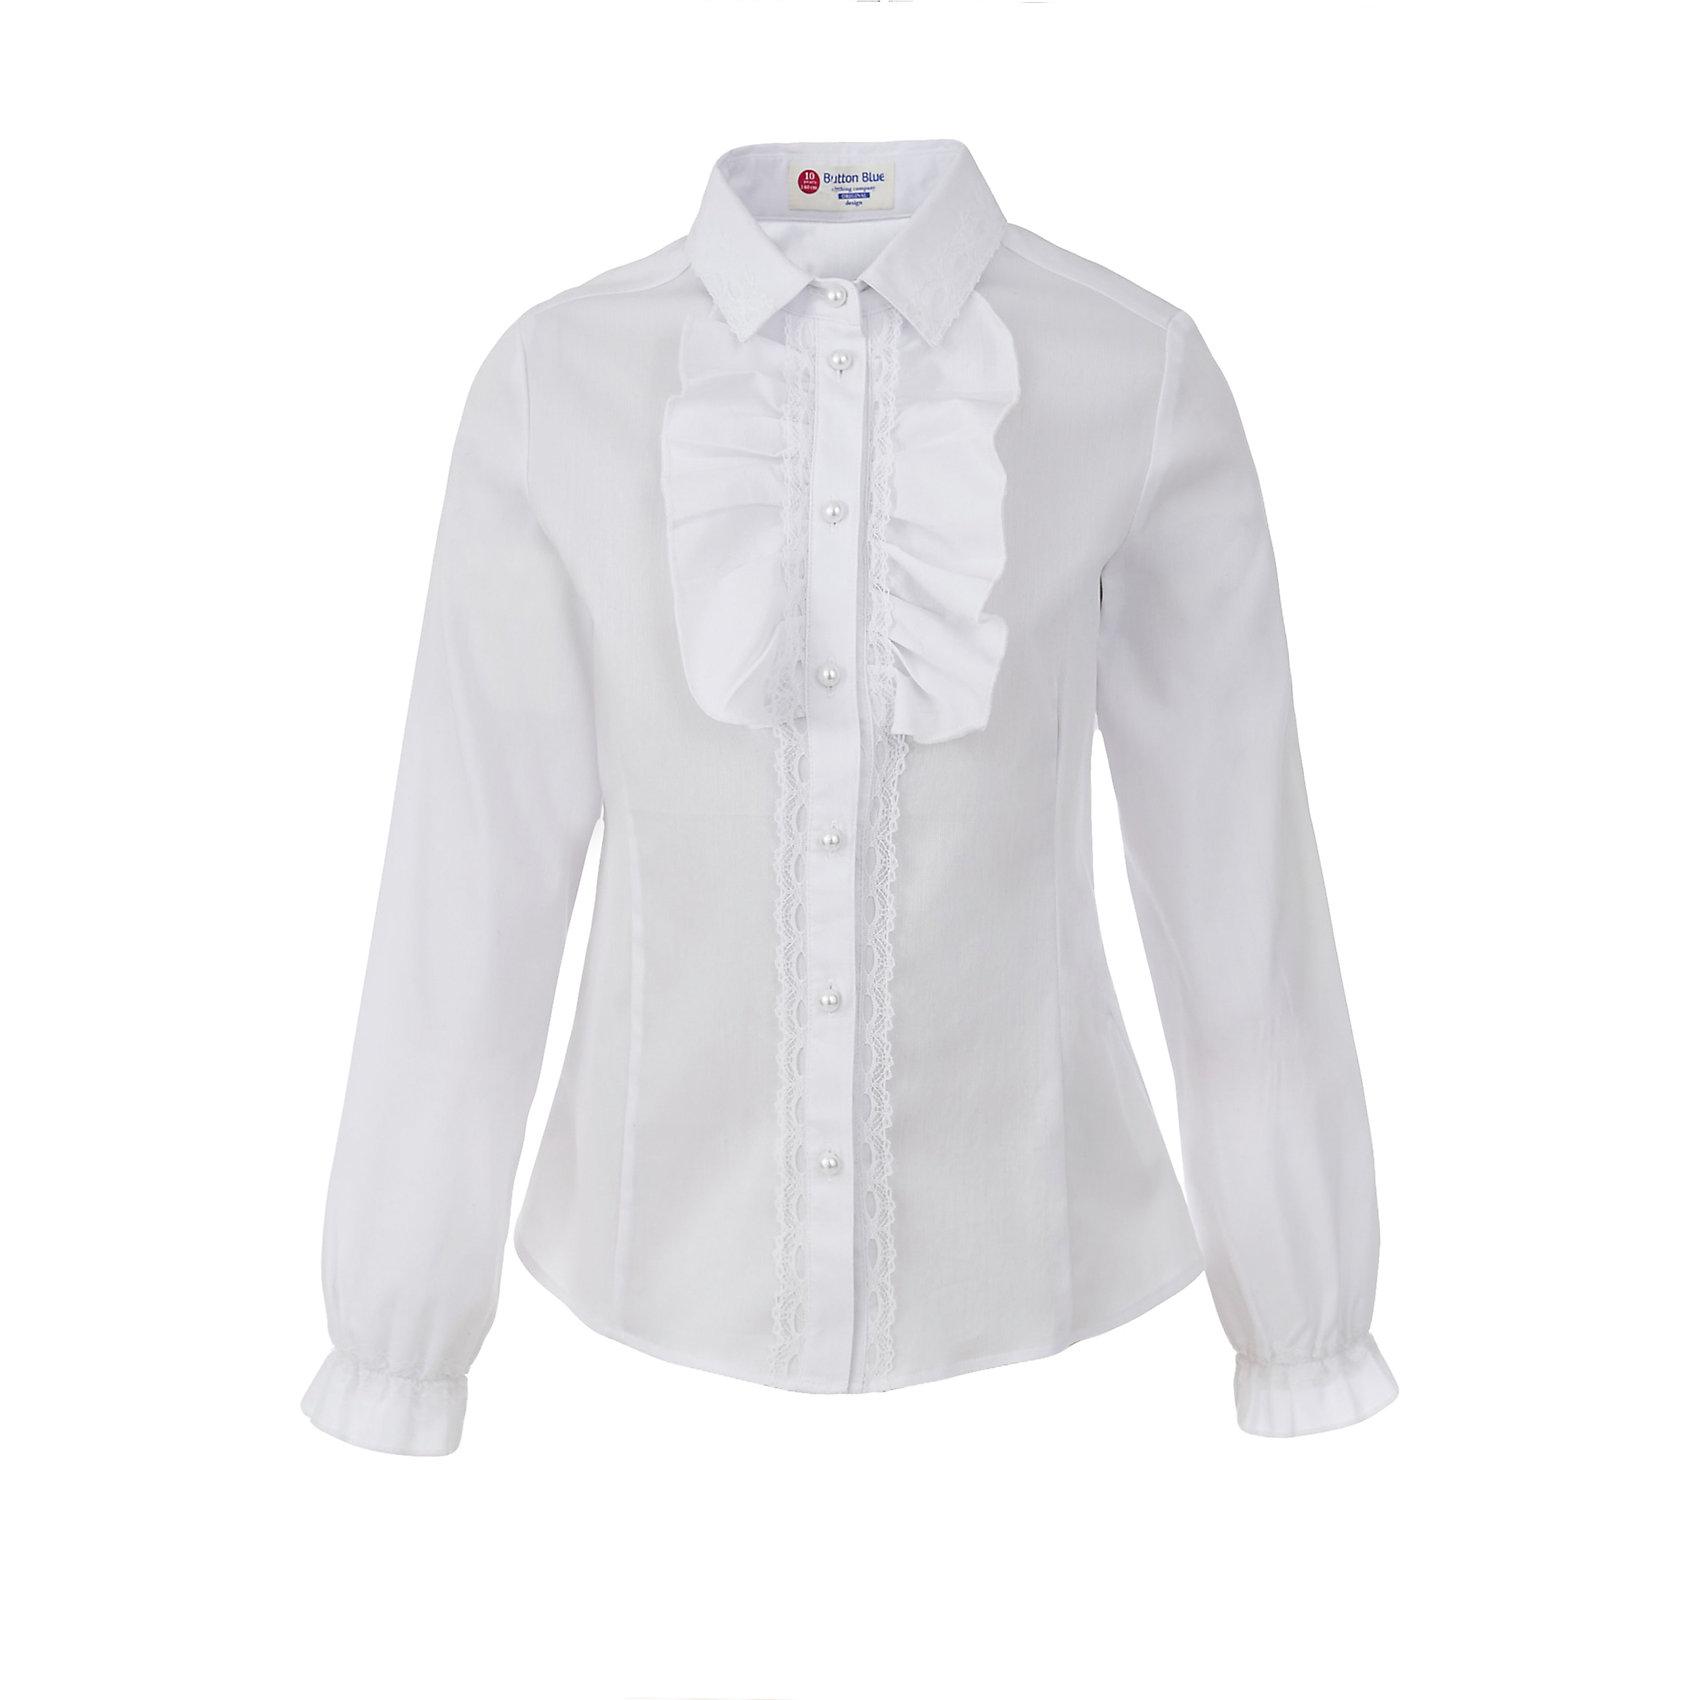 Блузка для девочки BUTTON BLUEБлузки и рубашки<br>Блузка для девочки BUTTON BLUE<br>Блузки для школы купить не сложно, но выбрать модель, сочетающую прекрасный состав, элегантный дизайн, привлекательную цену, не так уж и легко. Купить красивую школьную блузку для девочки недорого возможно, если это блузка от Button Blue! Не откладывайте покупку! Школьная блузка с жабо понадобится 1 сентября как никогда, придав образу торжественность и элегантность.<br>Состав:<br>62% хлопок,  35%нейлон,                3% эластан<br><br>Ширина мм: 186<br>Глубина мм: 87<br>Высота мм: 198<br>Вес г: 197<br>Цвет: белый<br>Возраст от месяцев: 156<br>Возраст до месяцев: 168<br>Пол: Женский<br>Возраст: Детский<br>Размер: 164,122,128,134,140,146,152,158<br>SKU: 6739321